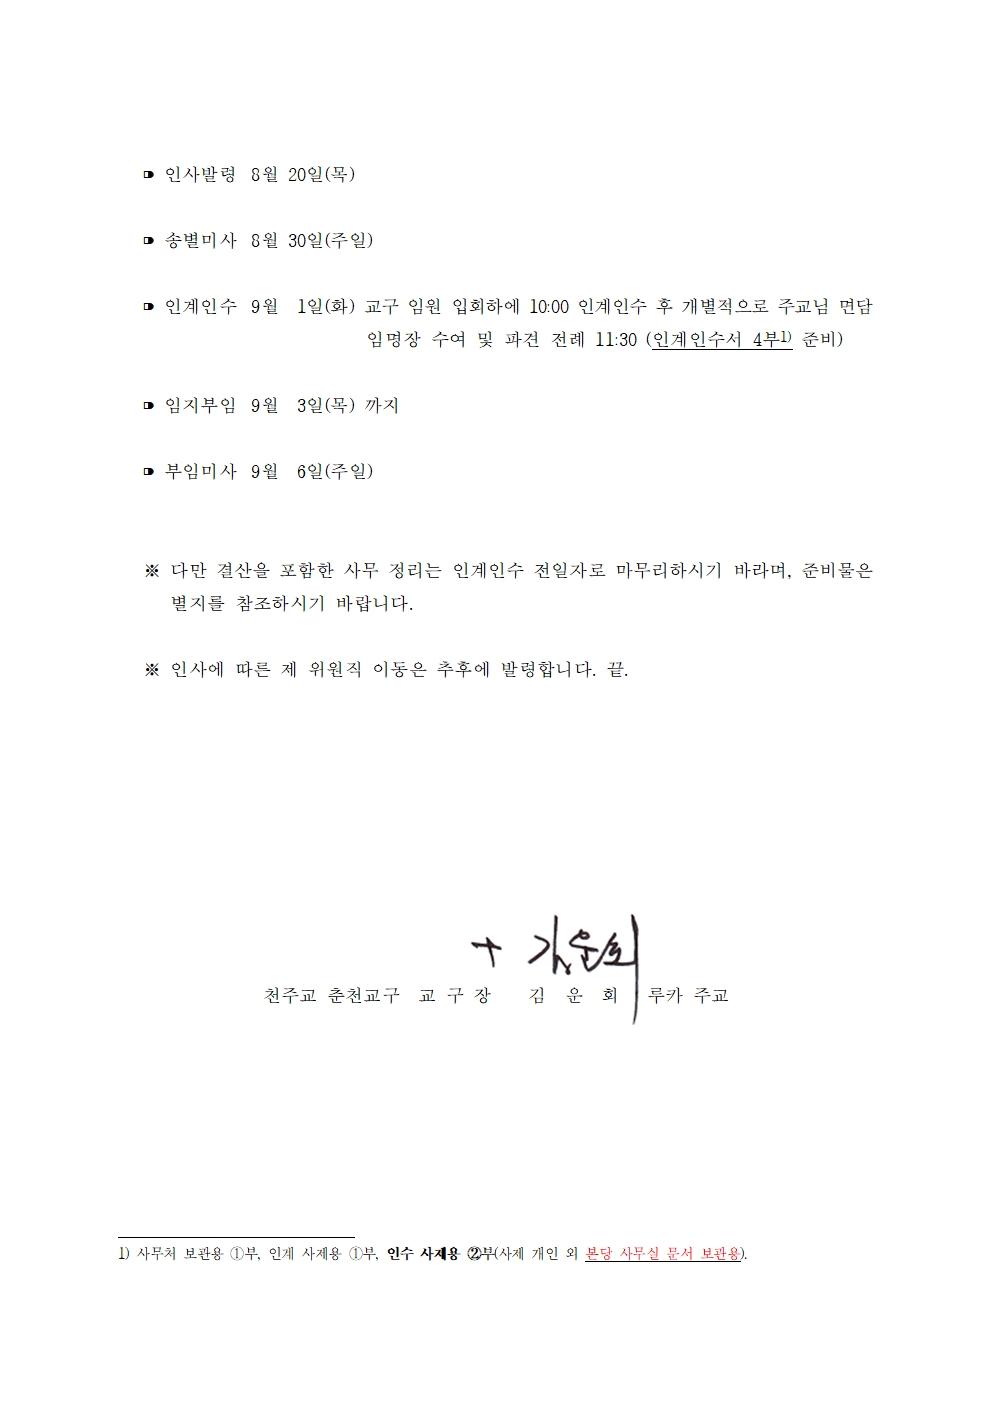 춘교 20-076호 추계 인사발령002.jpg